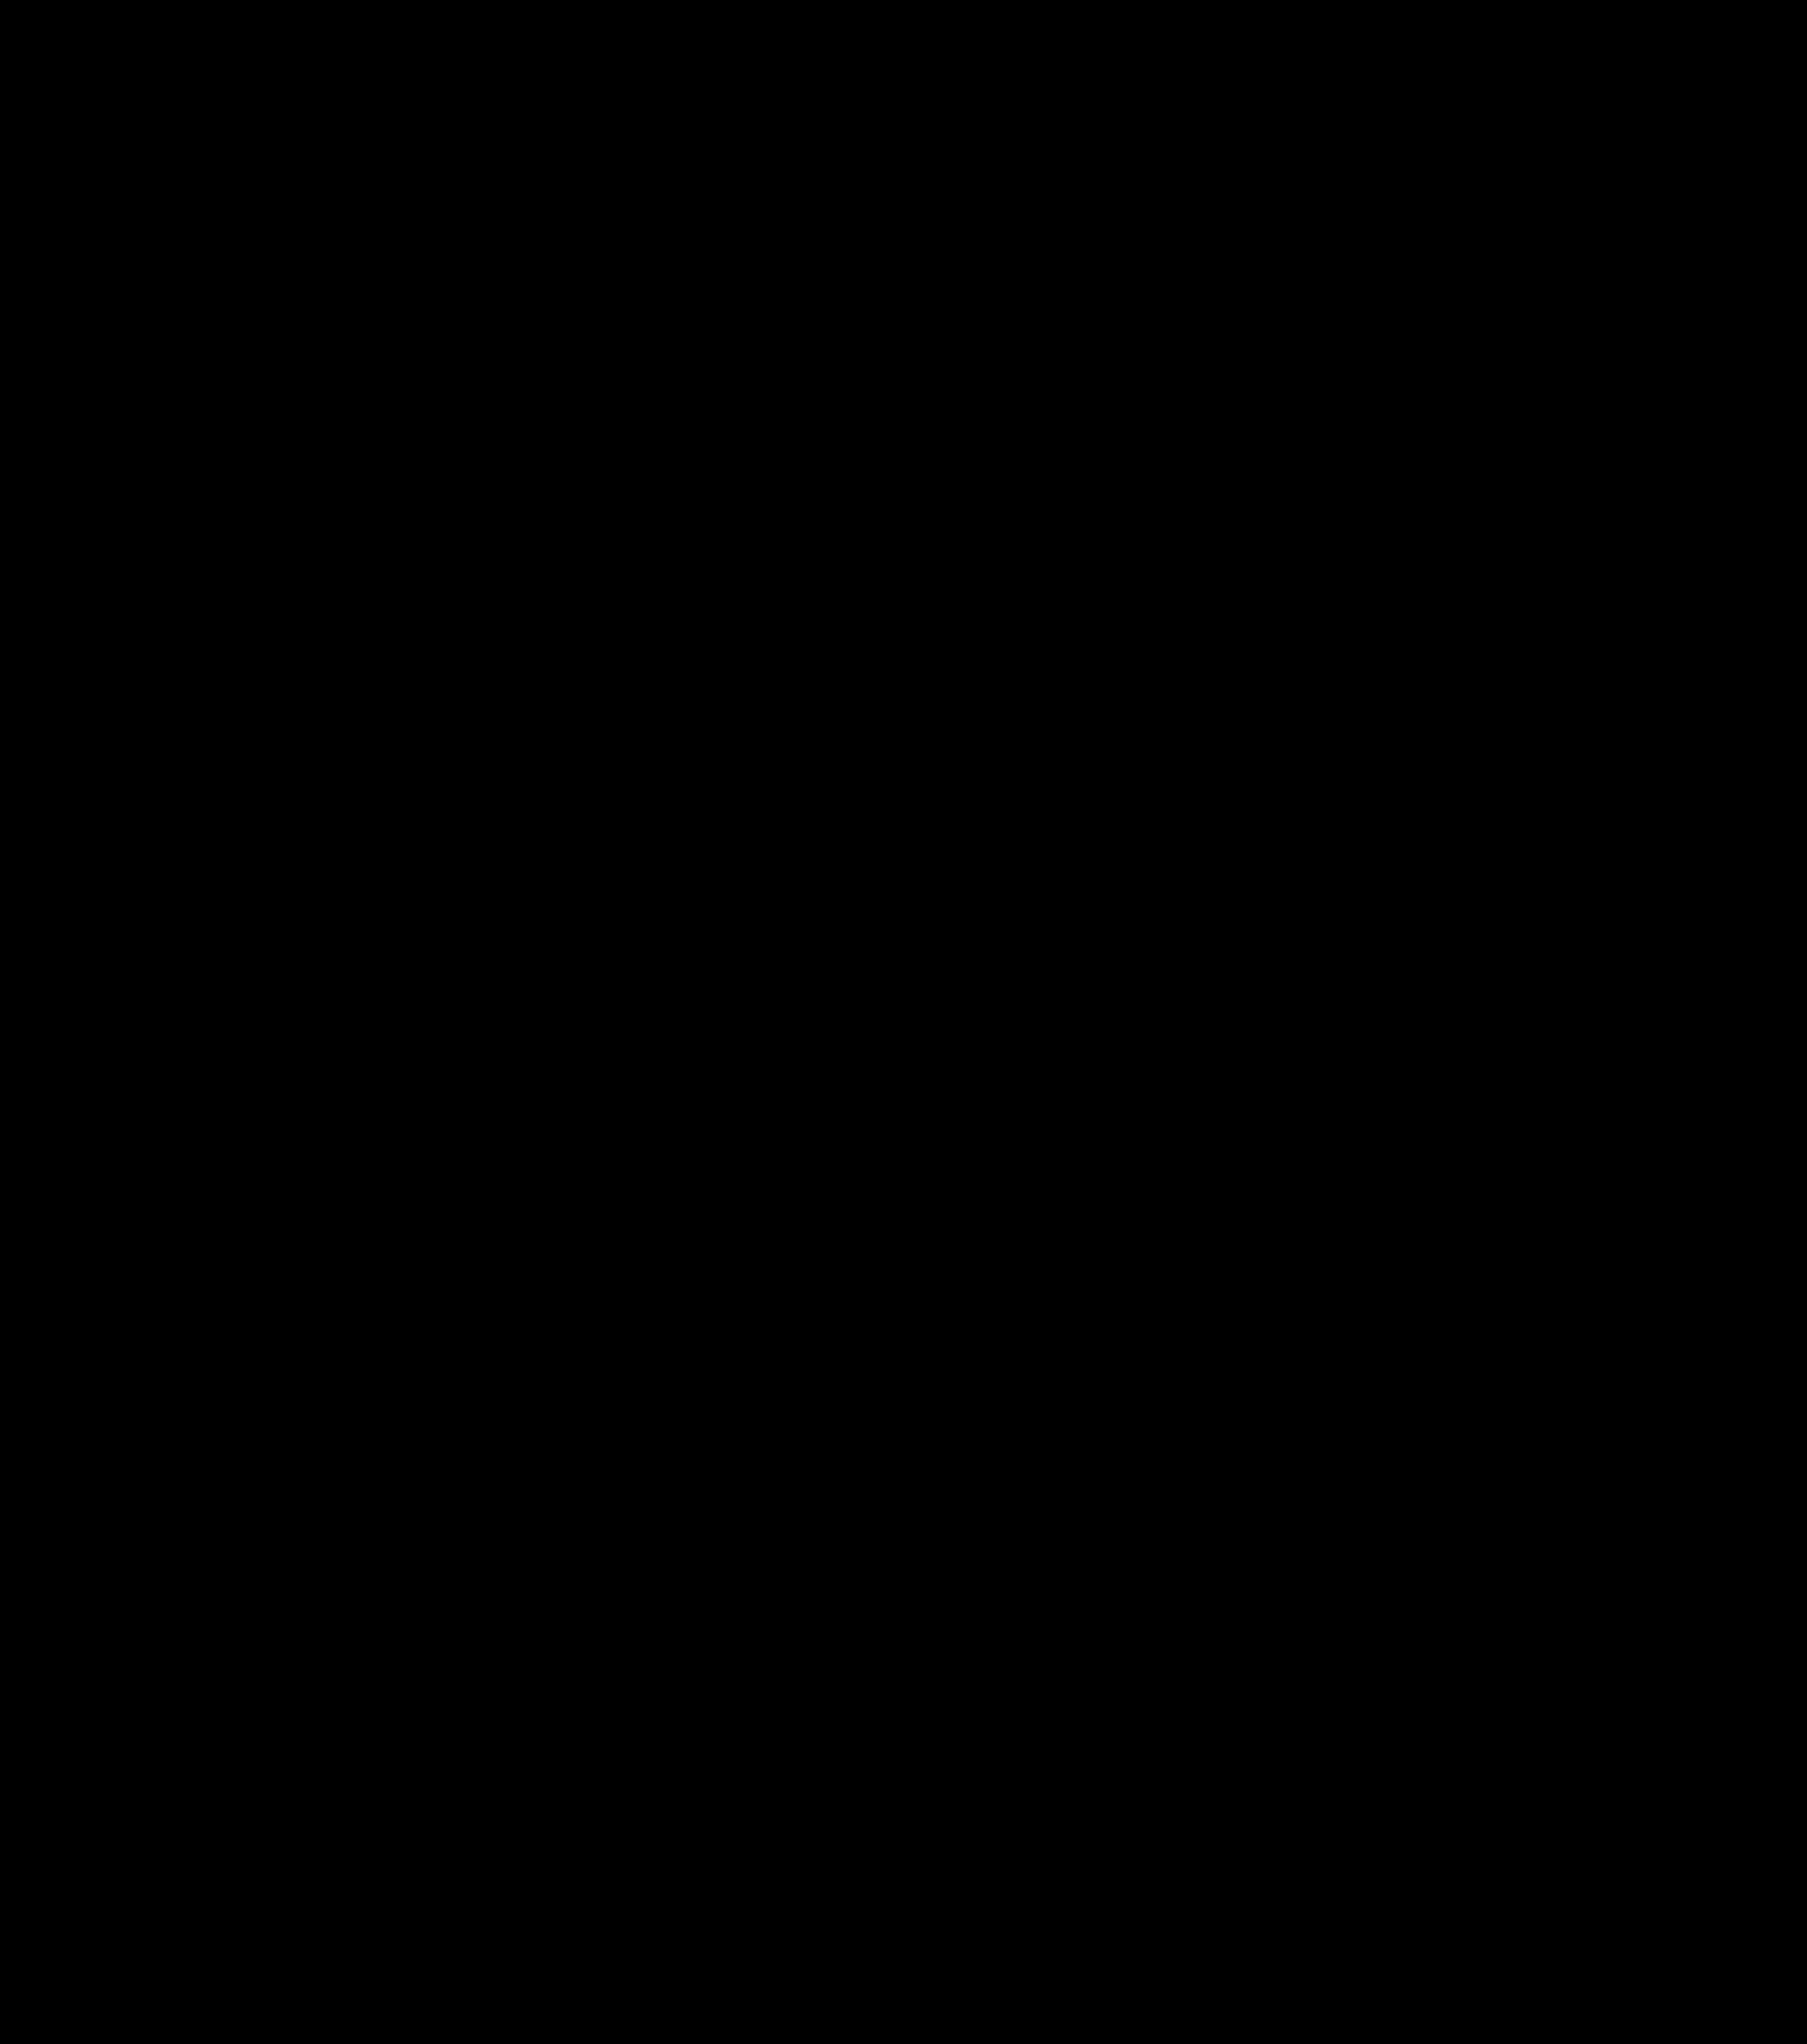 Get Instant Personal Loan Personal Loans Business Loans Loan